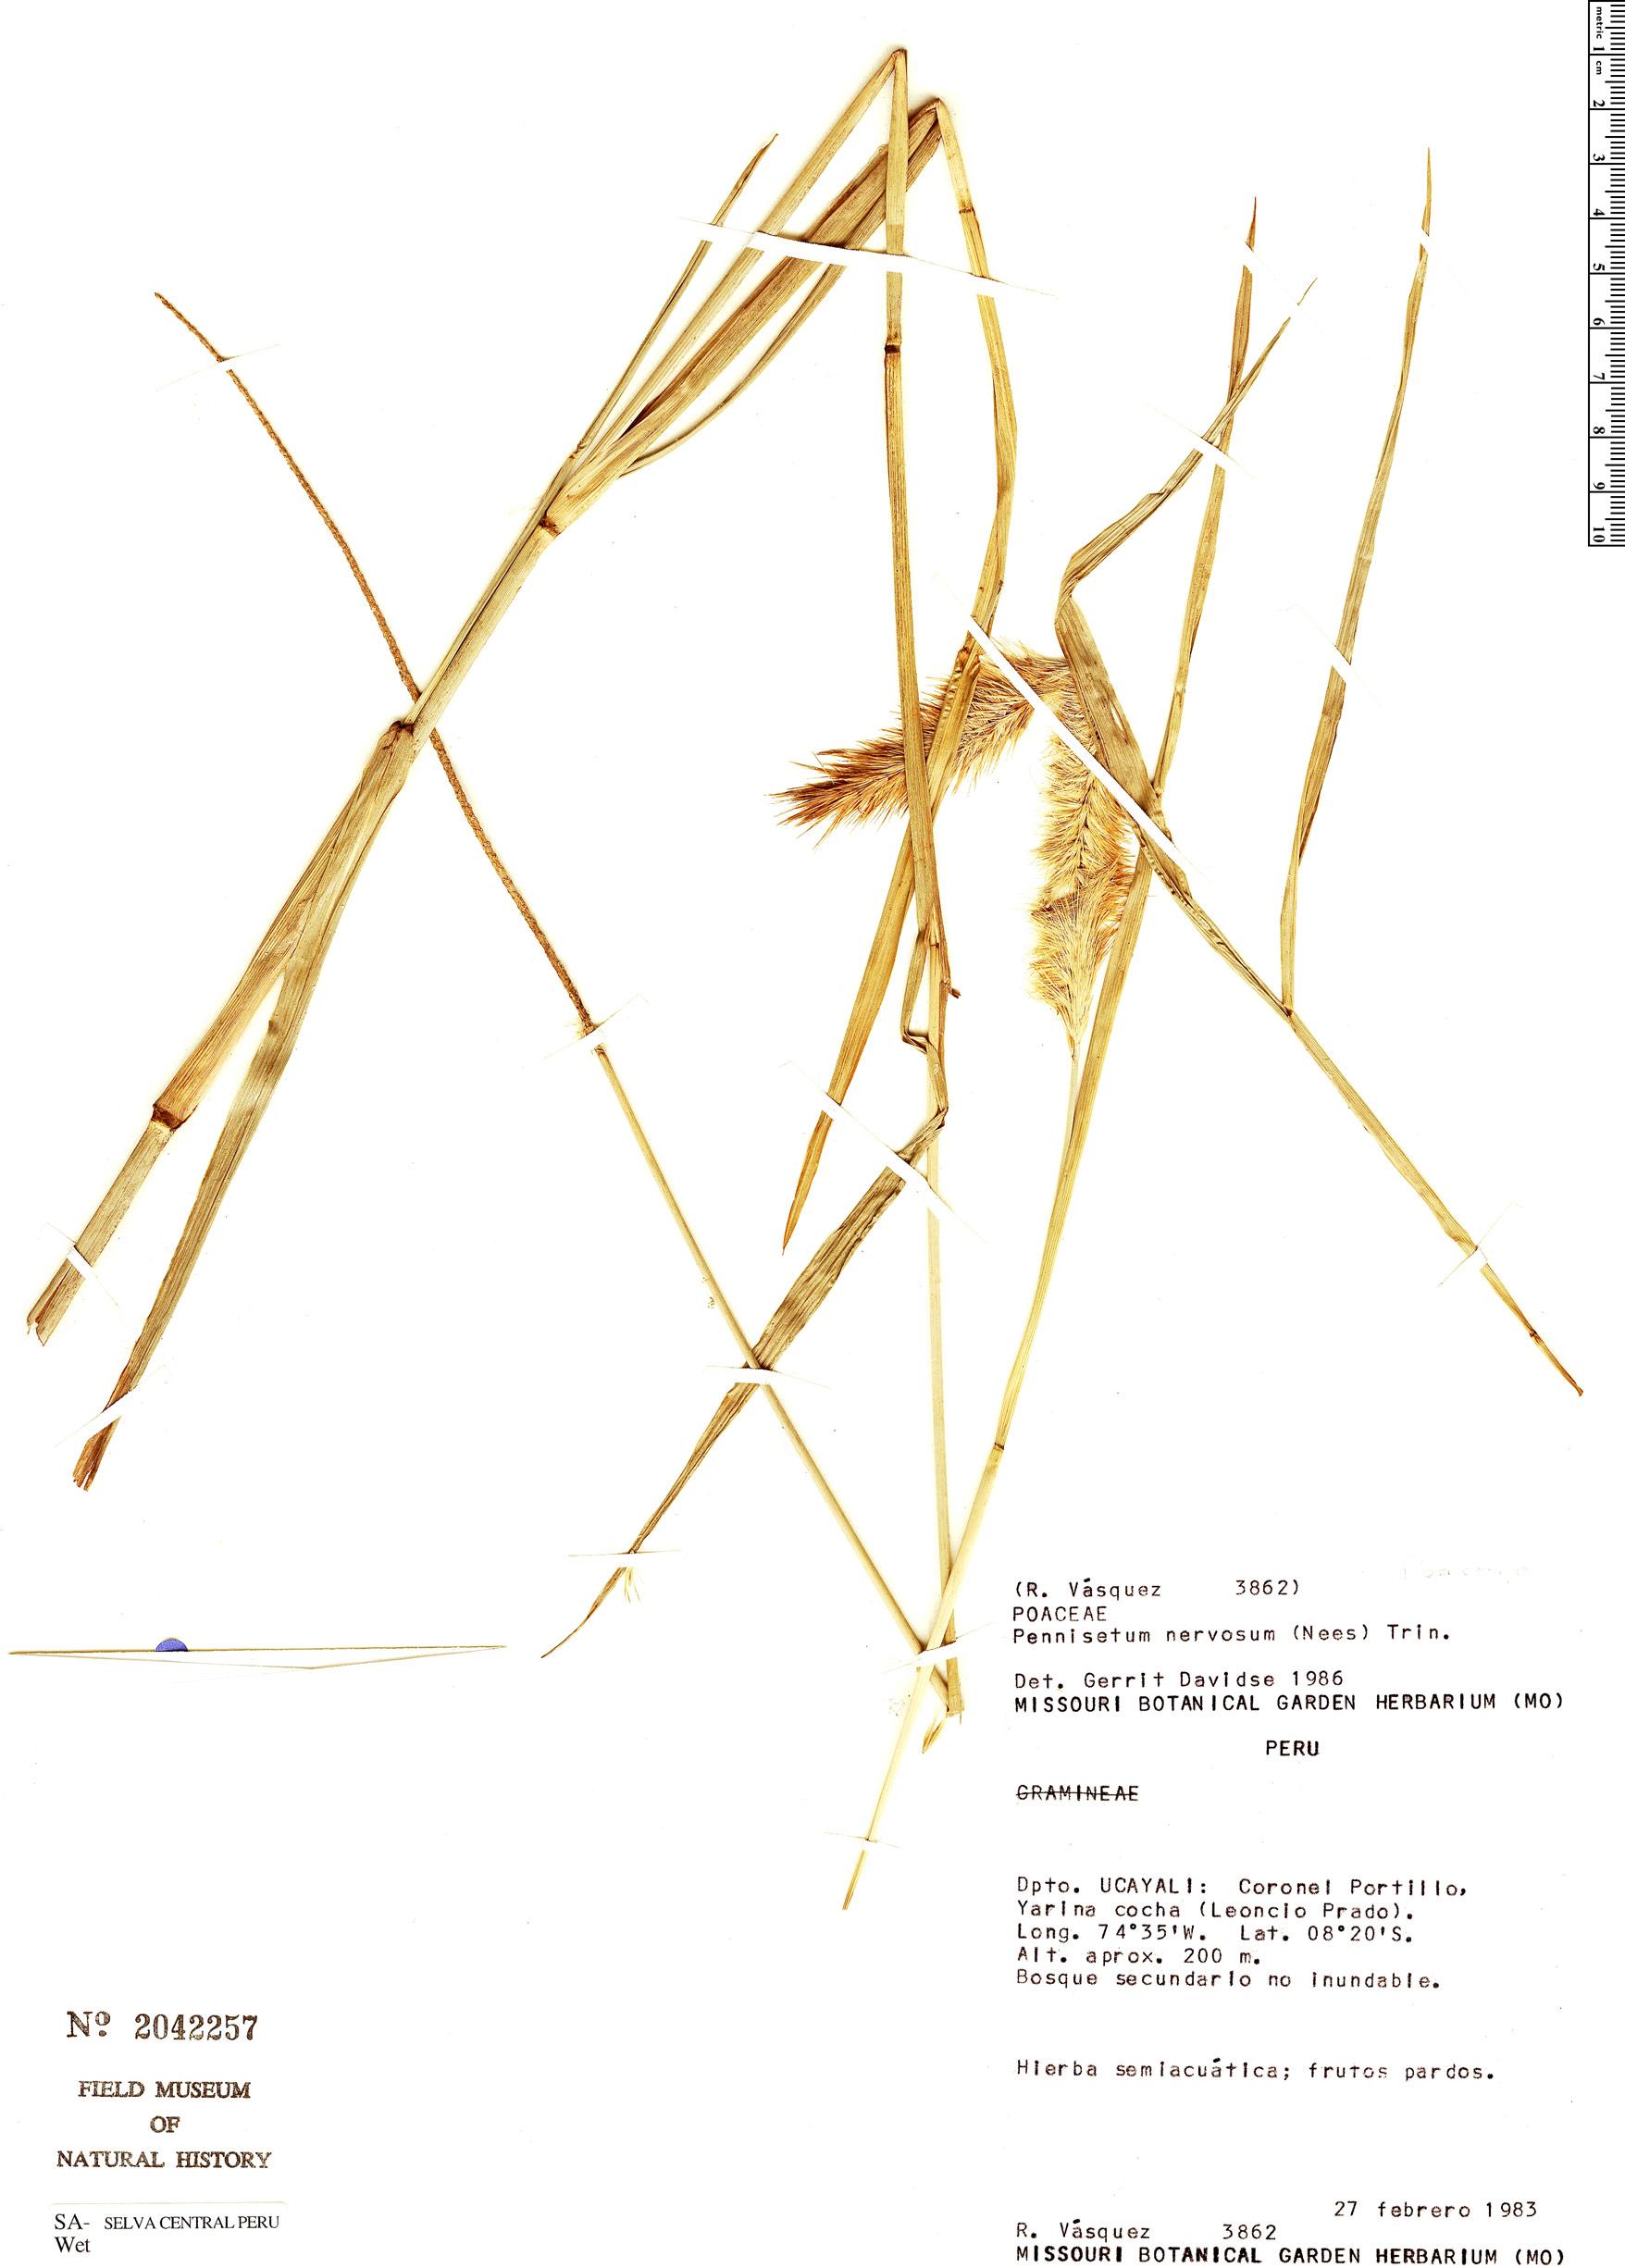 Specimen: Cenchrus nervosus